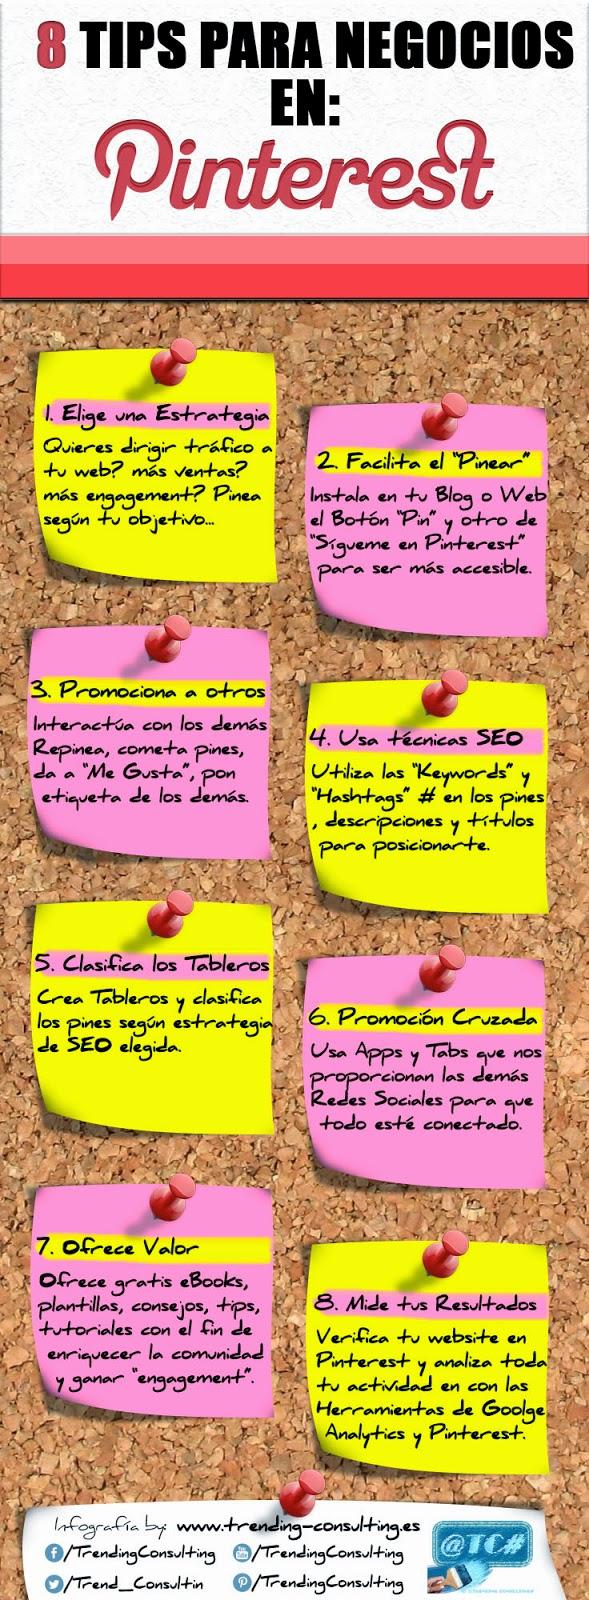 8 Tips para Negocios en Pinterest